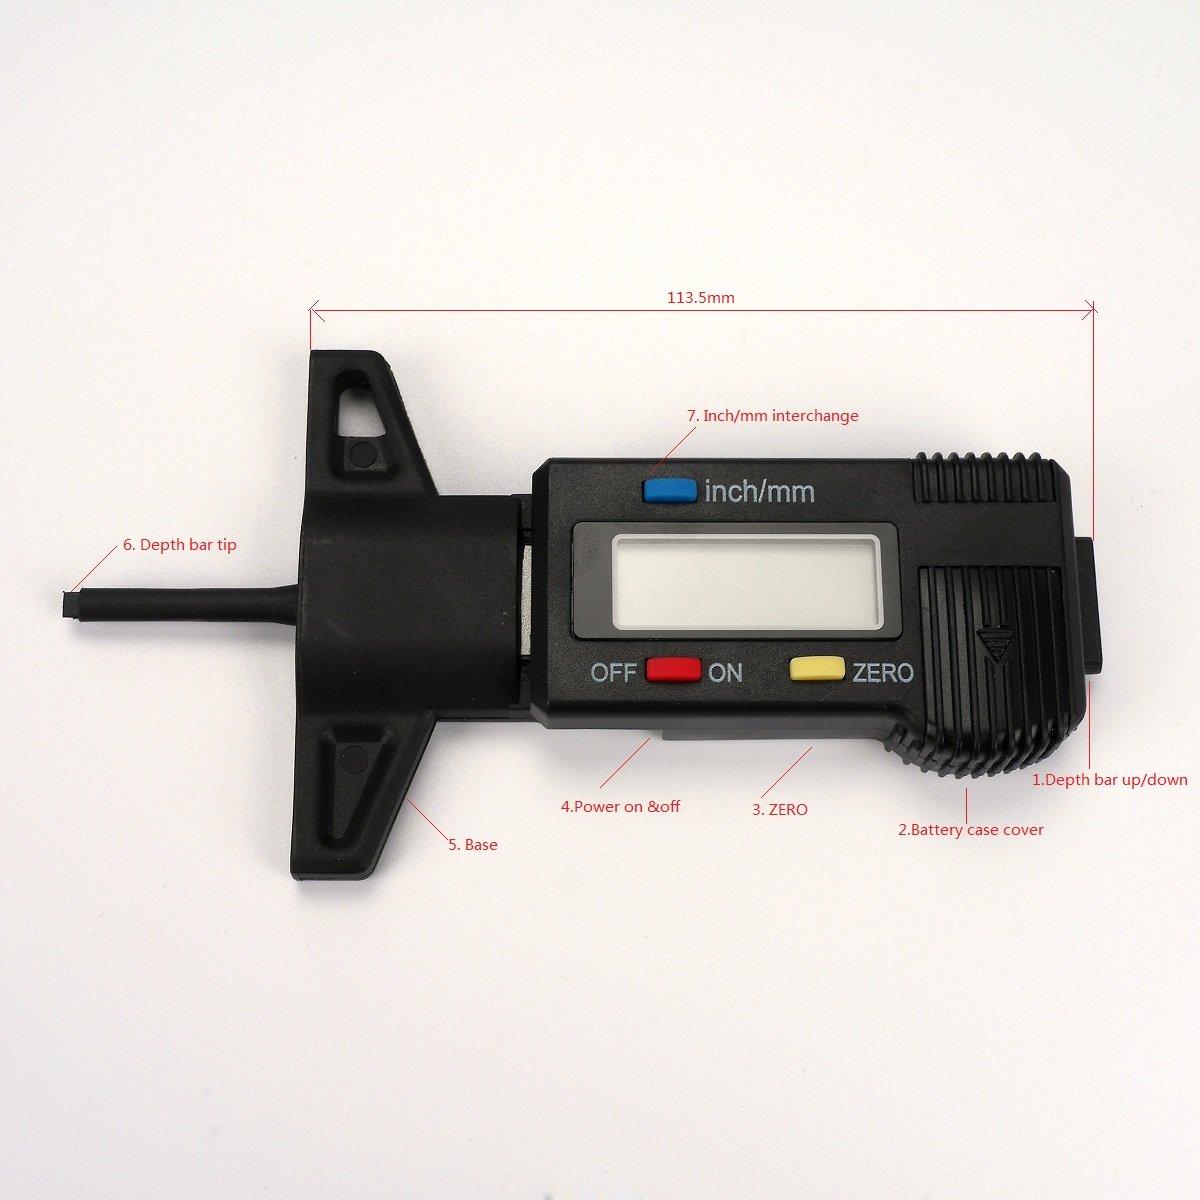 #1000590 per pastiglie dei freni 25/mm Ezi misuratore con display LCD digitale per la profondit/à del battistrada